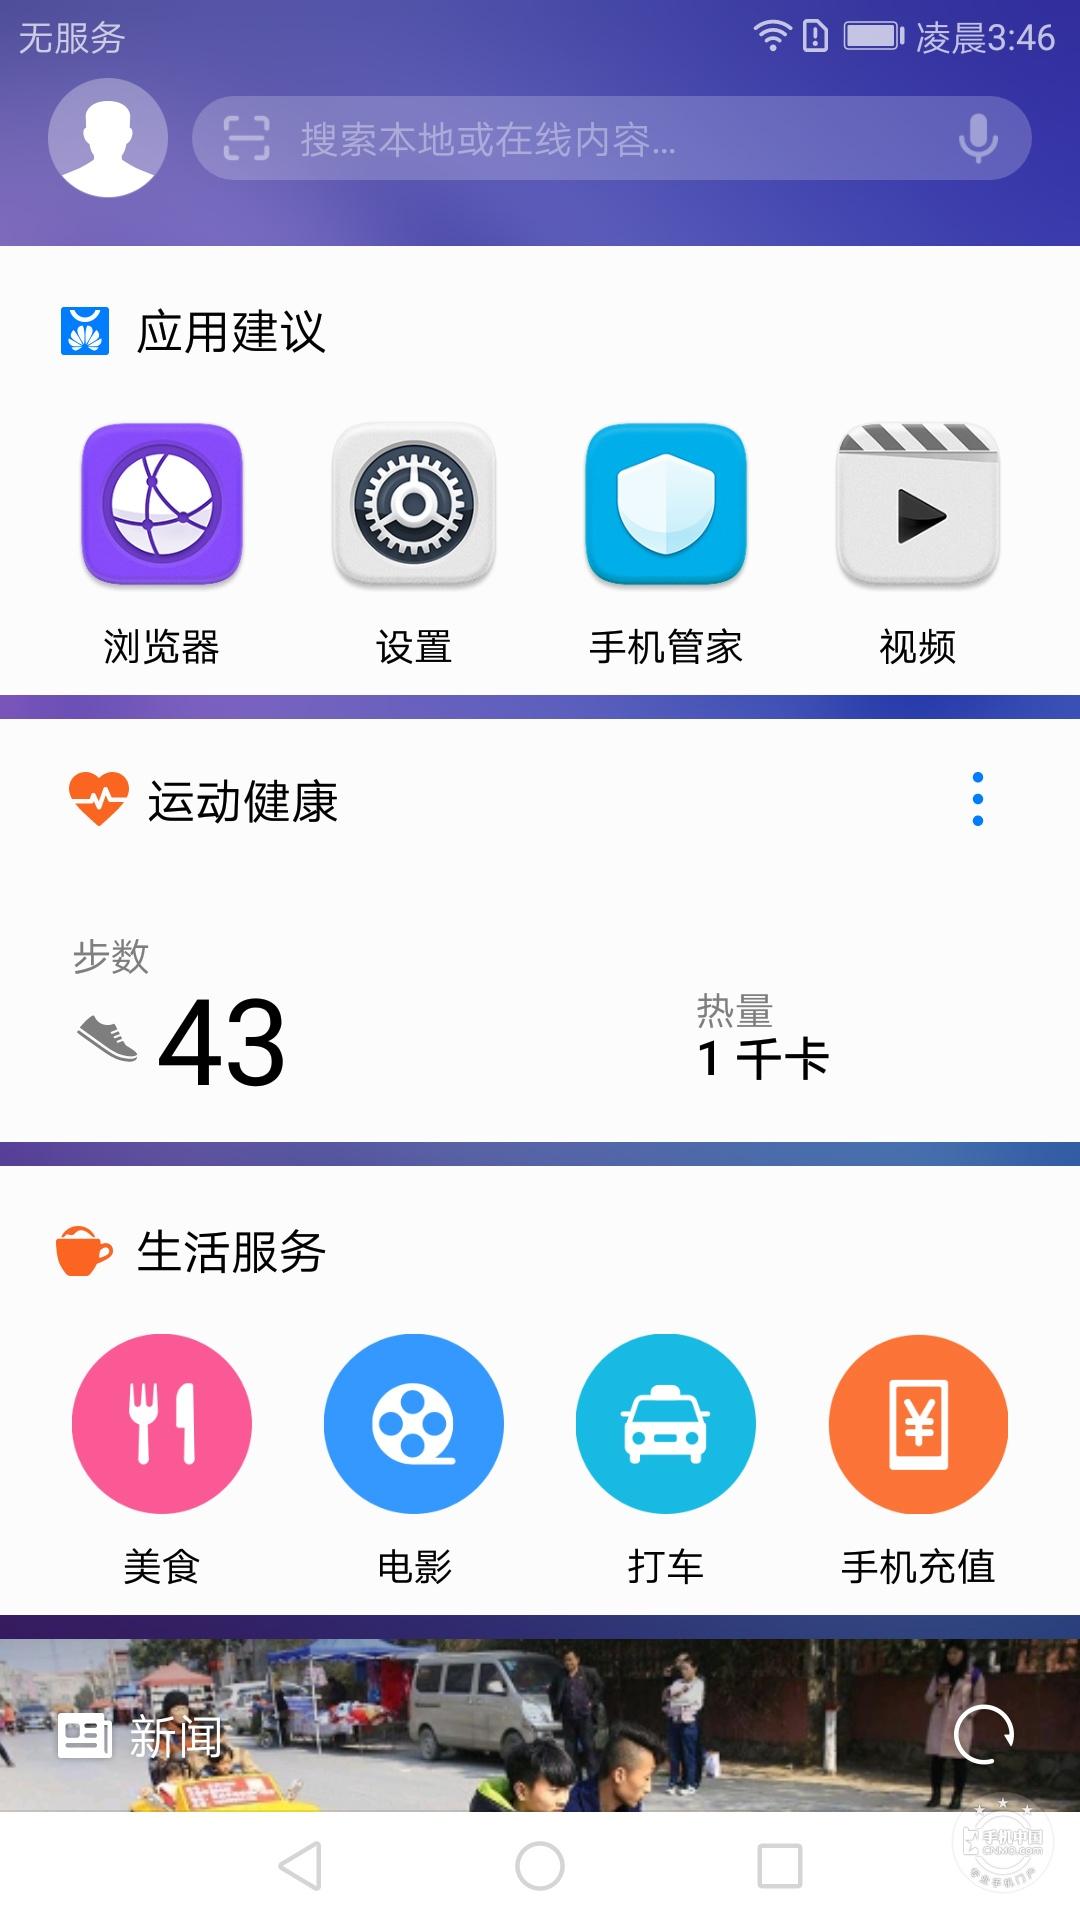 荣耀8青春版(尊享版)手机功能界面第3张